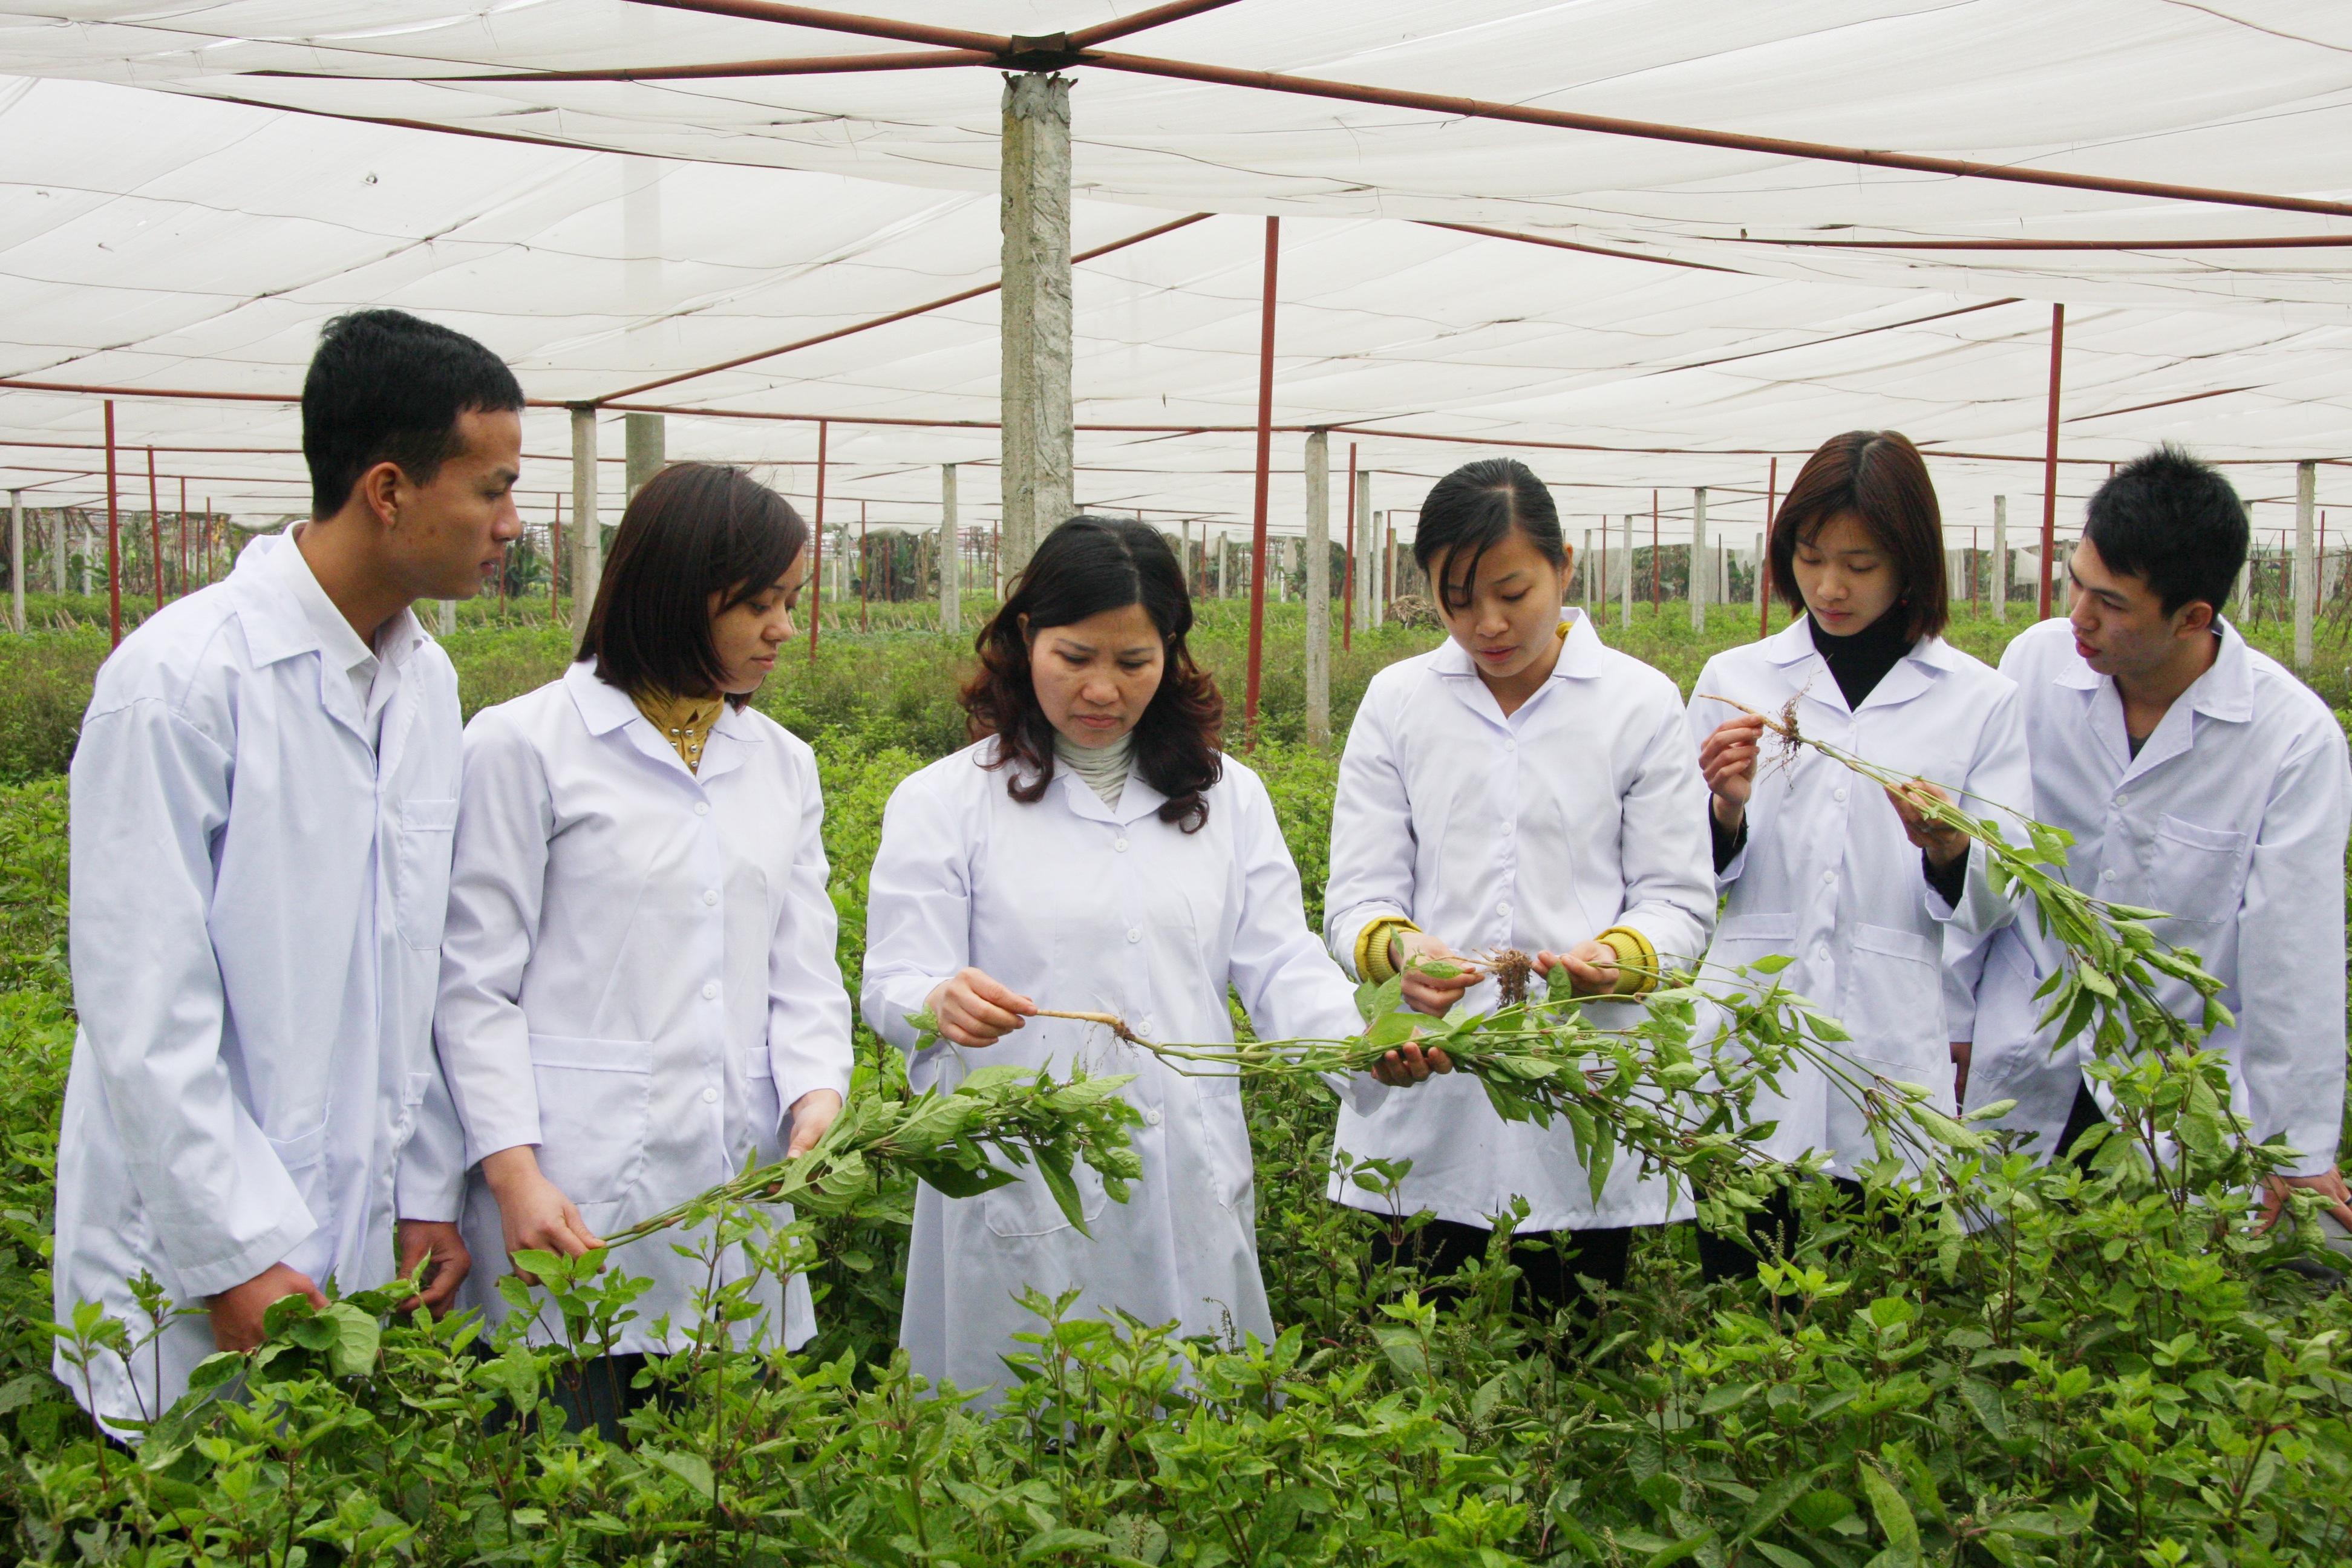 Đoàn cán bộ của Công ty Dược phẩm Tâm Bình thăm khu trồng dược liệu.